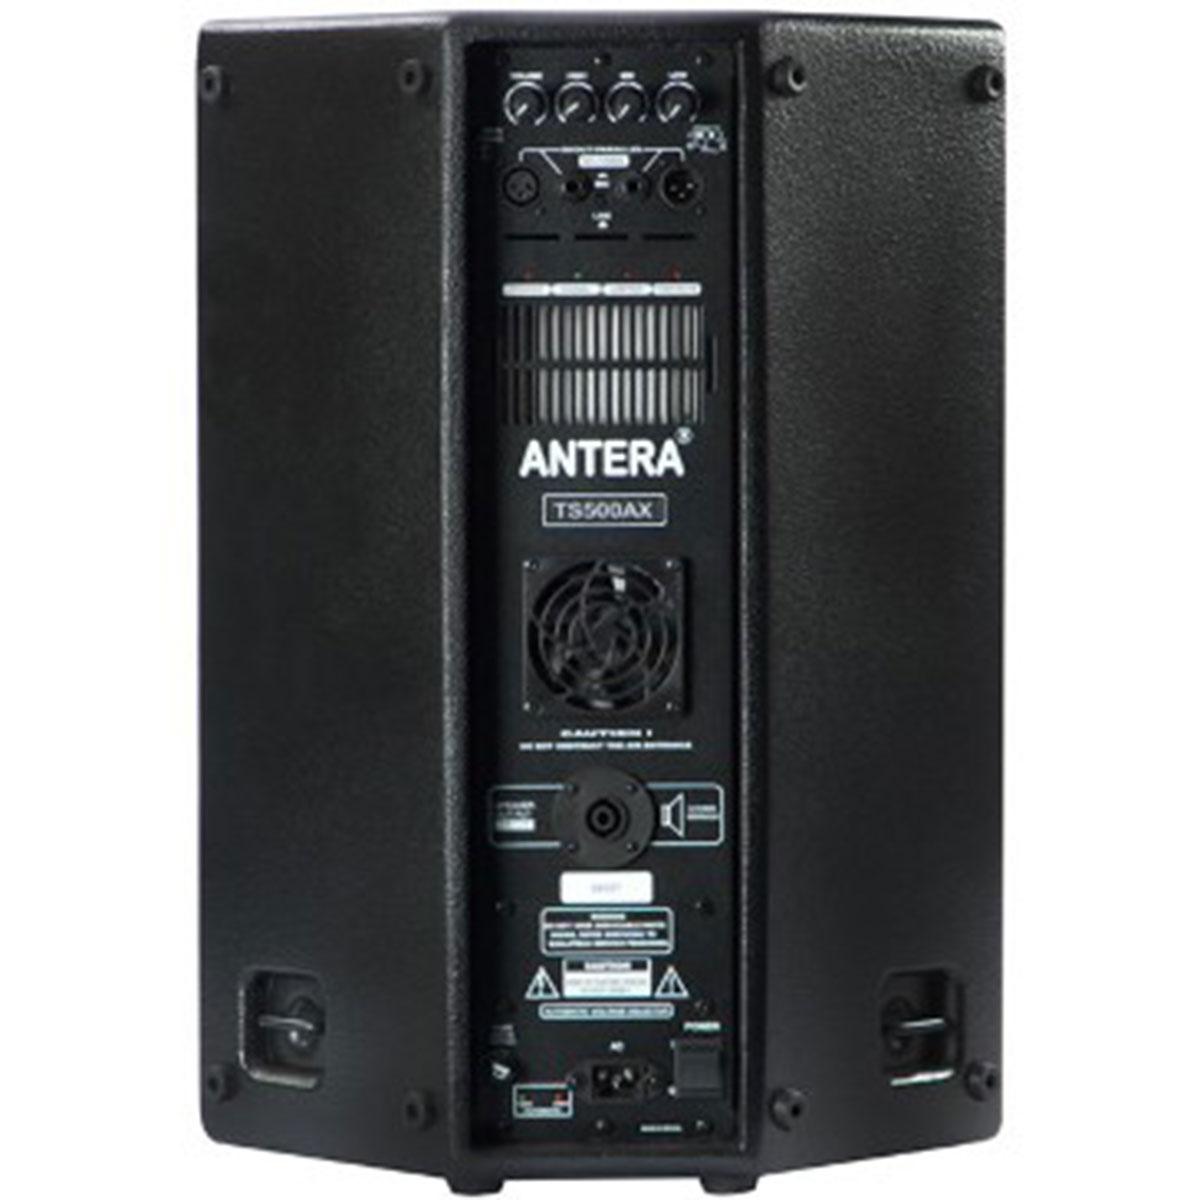 TS500AX - Caixa Ativa 250W Preta TS 500 AX - Antera